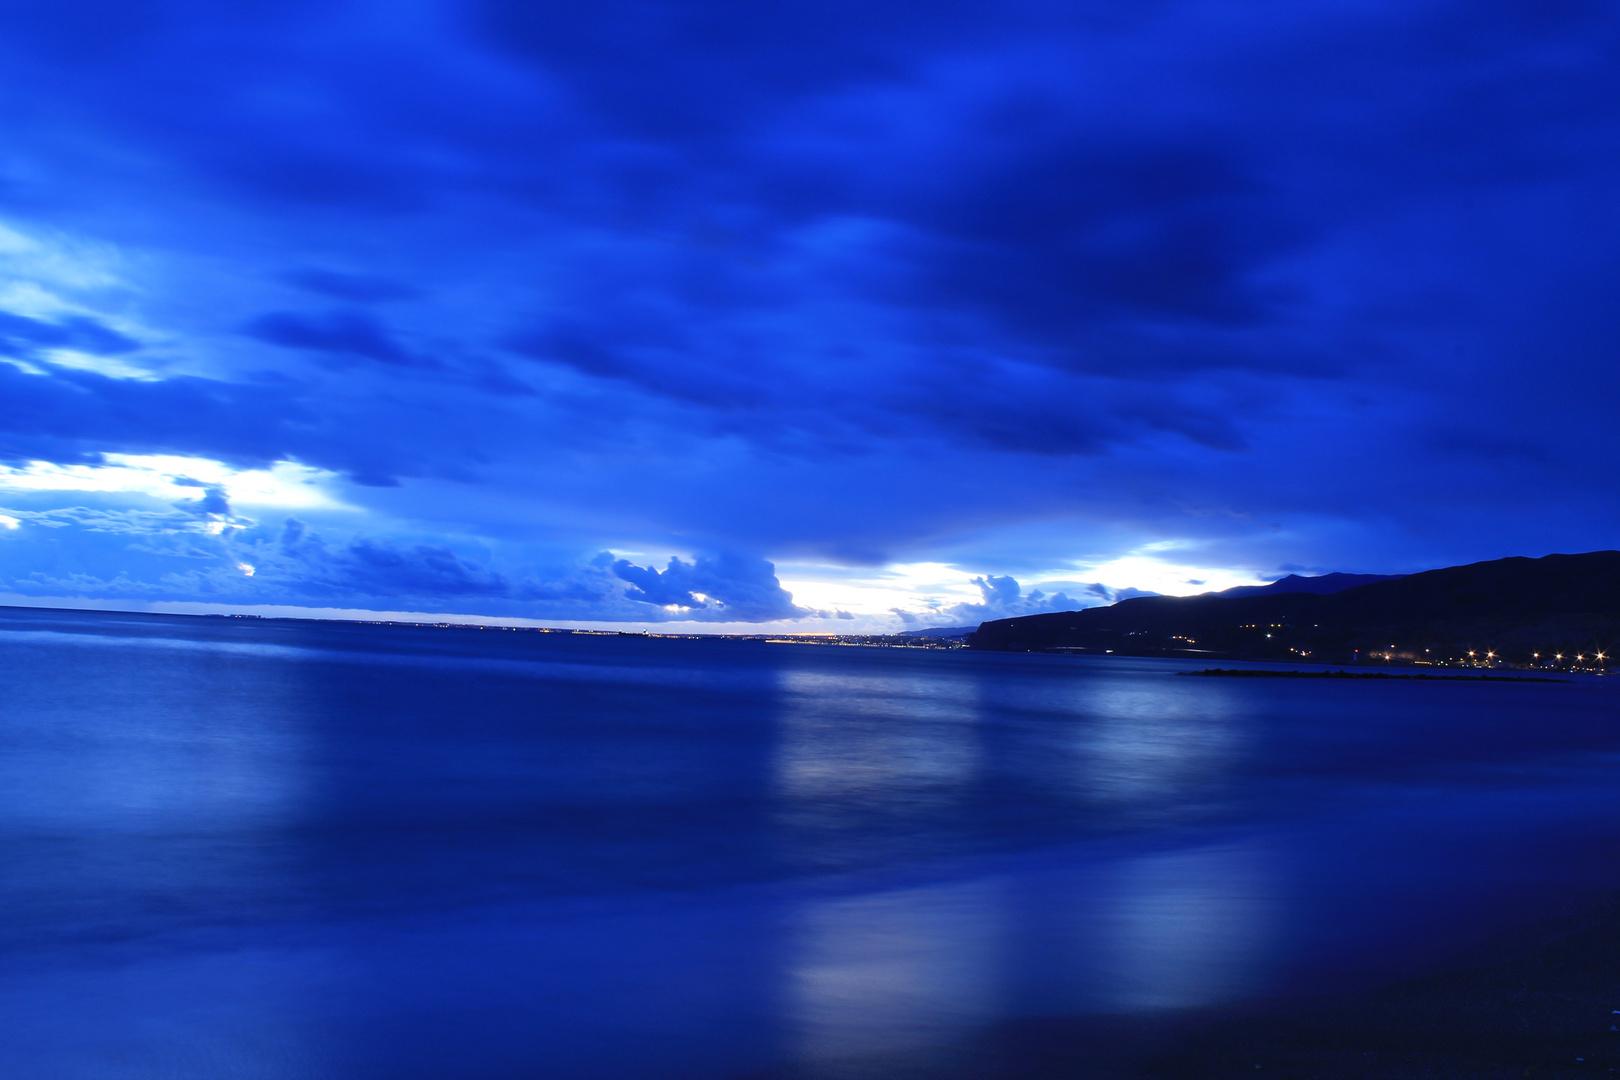 despues de la tormenta,,,la calma